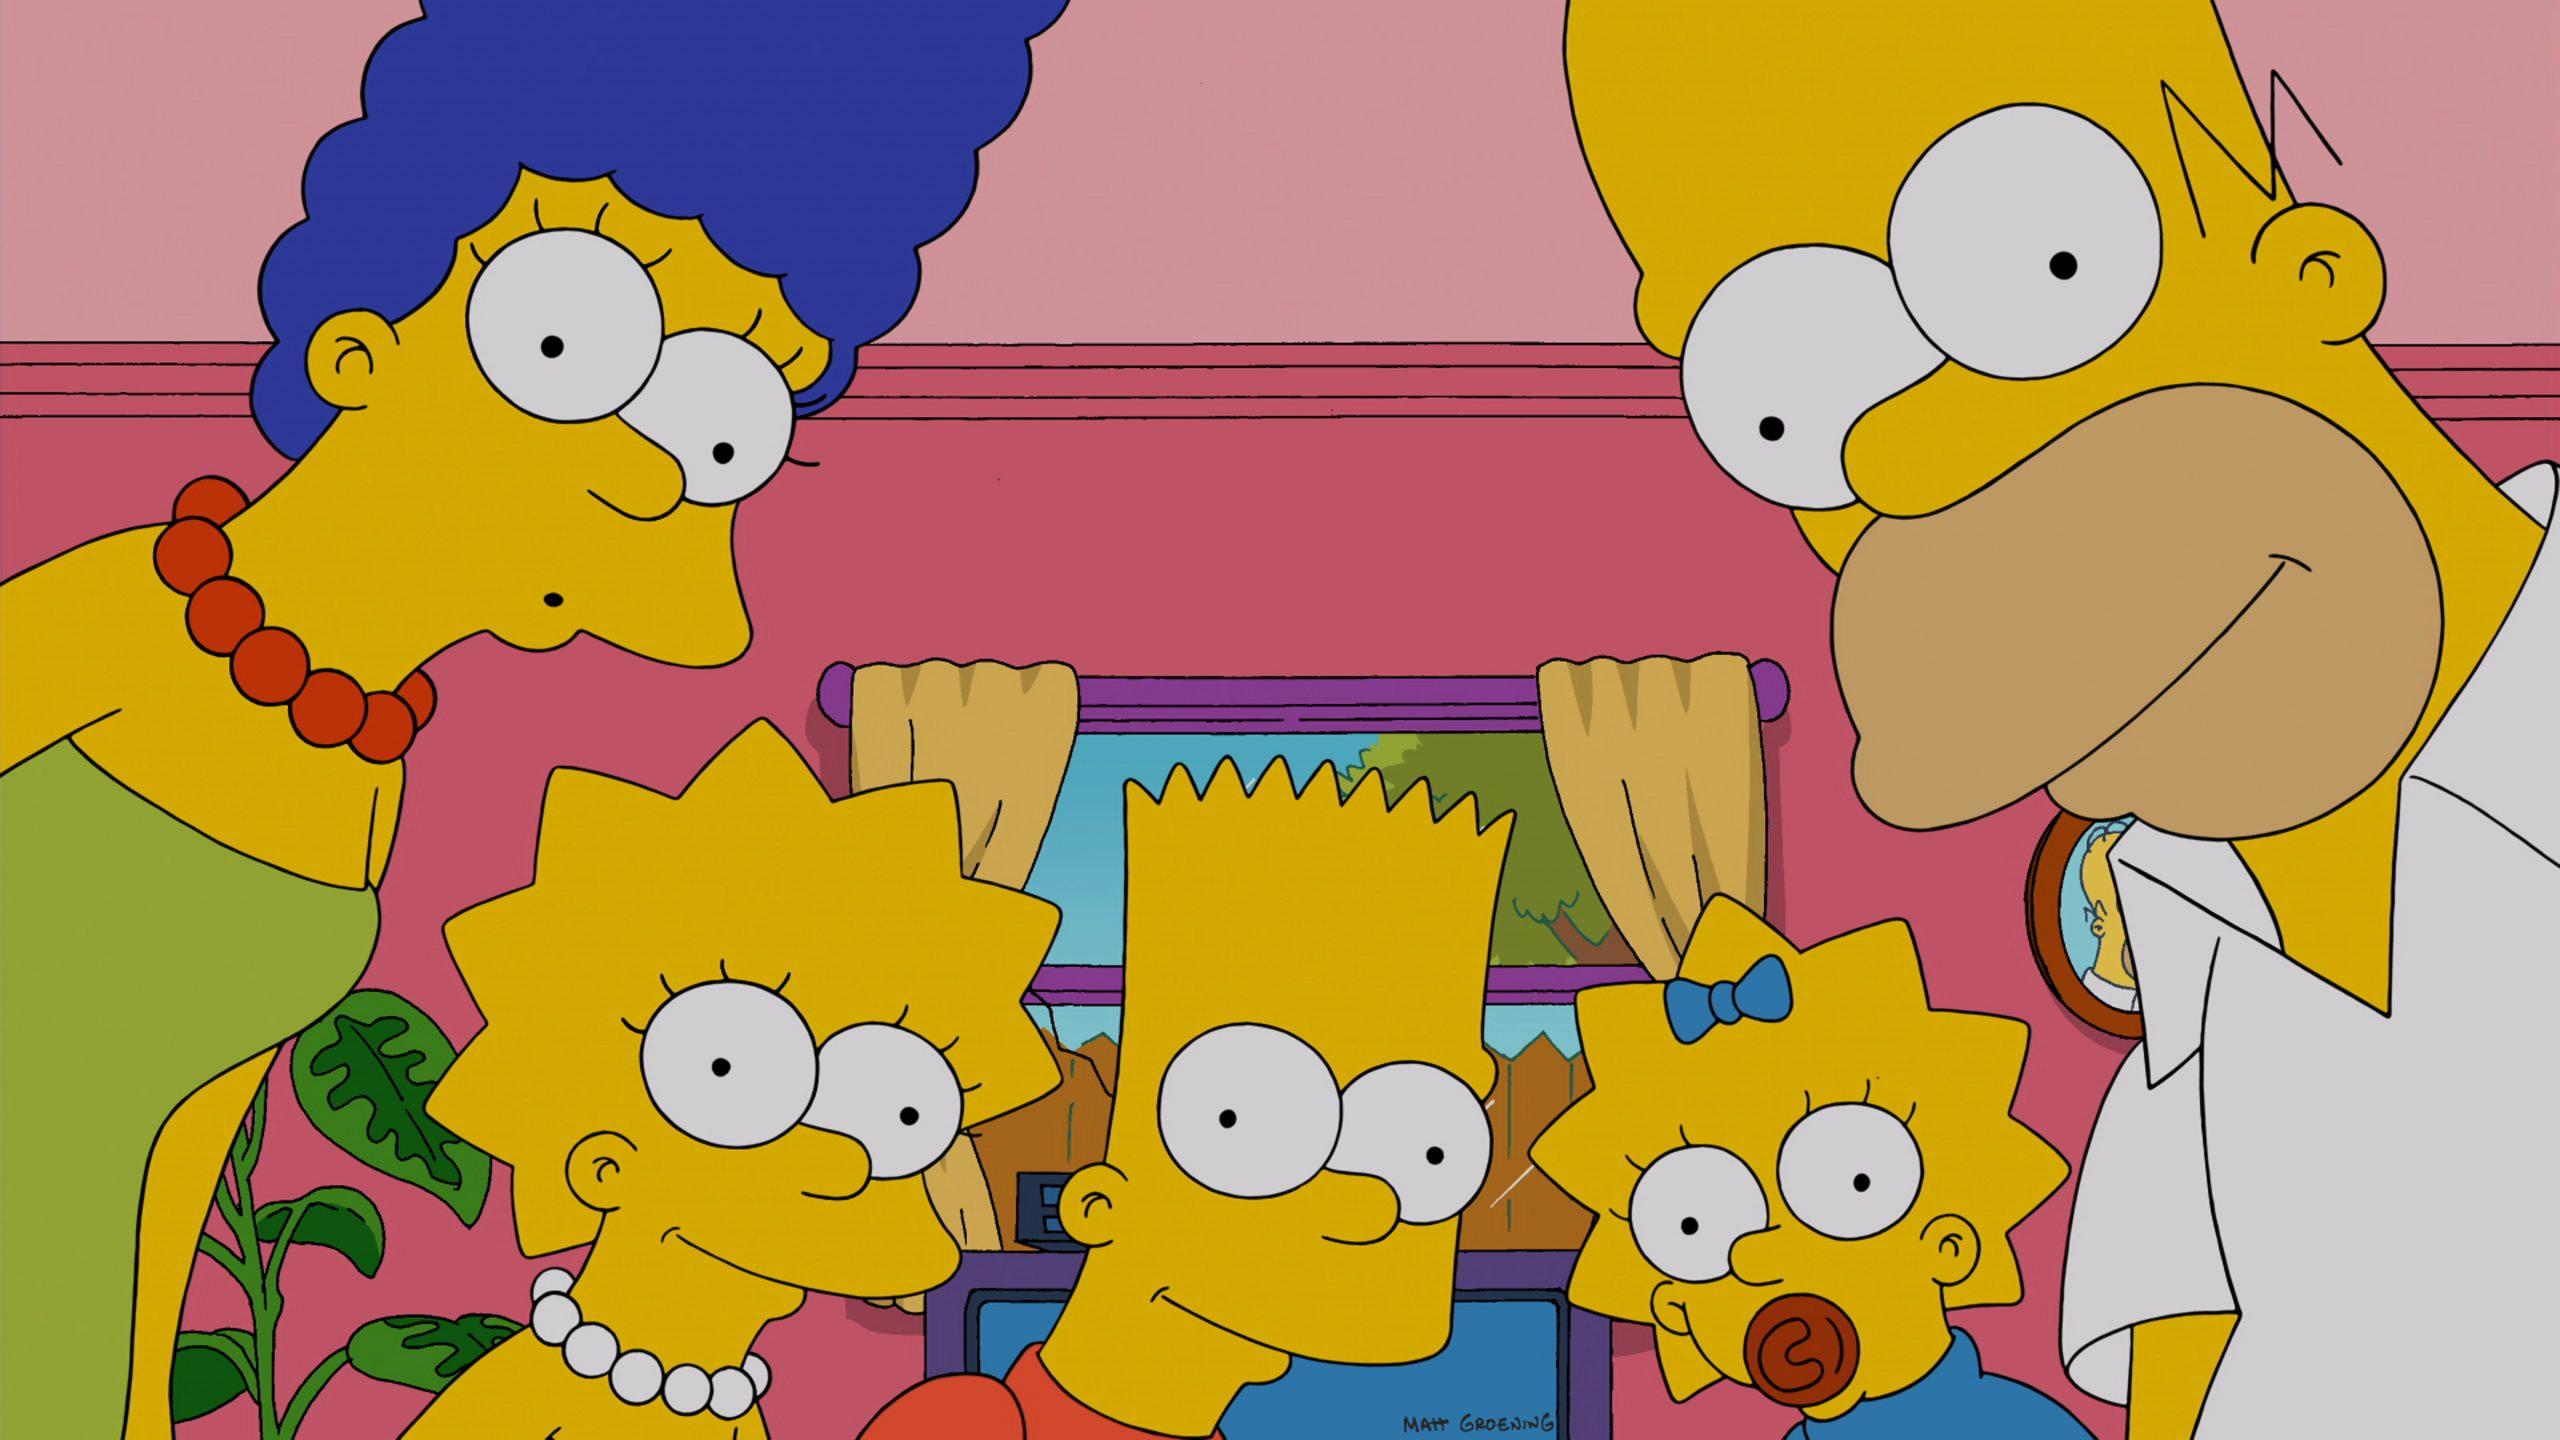 В «КиноПоиске HD» появятся «Симпсоны», «Американская история ужасов» и 8 других сериалов Fox